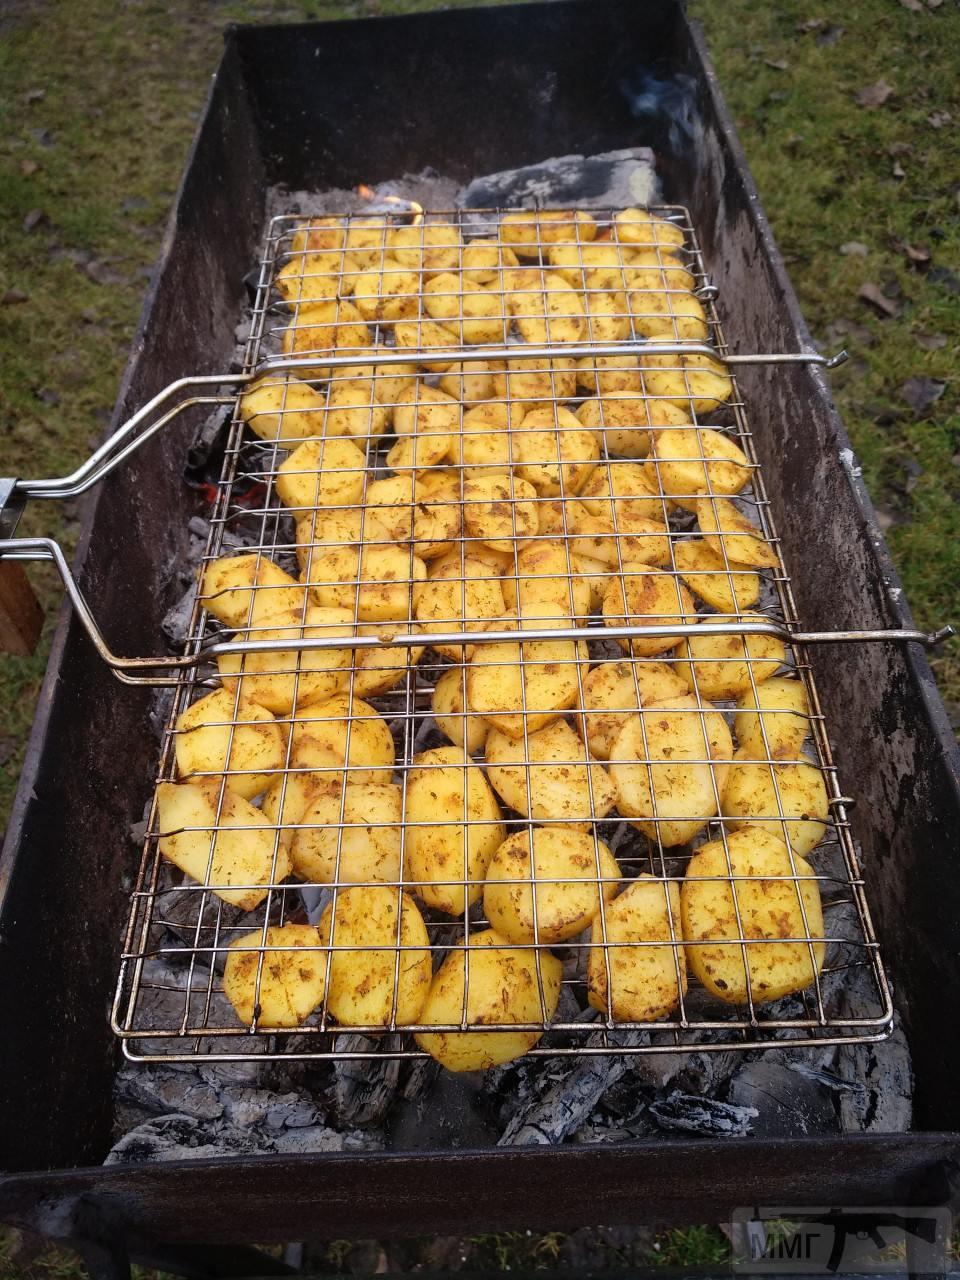 87118 - Закуски на огне (мангал, барбекю и т.д.) и кулинария вообще. Советы и рецепты.